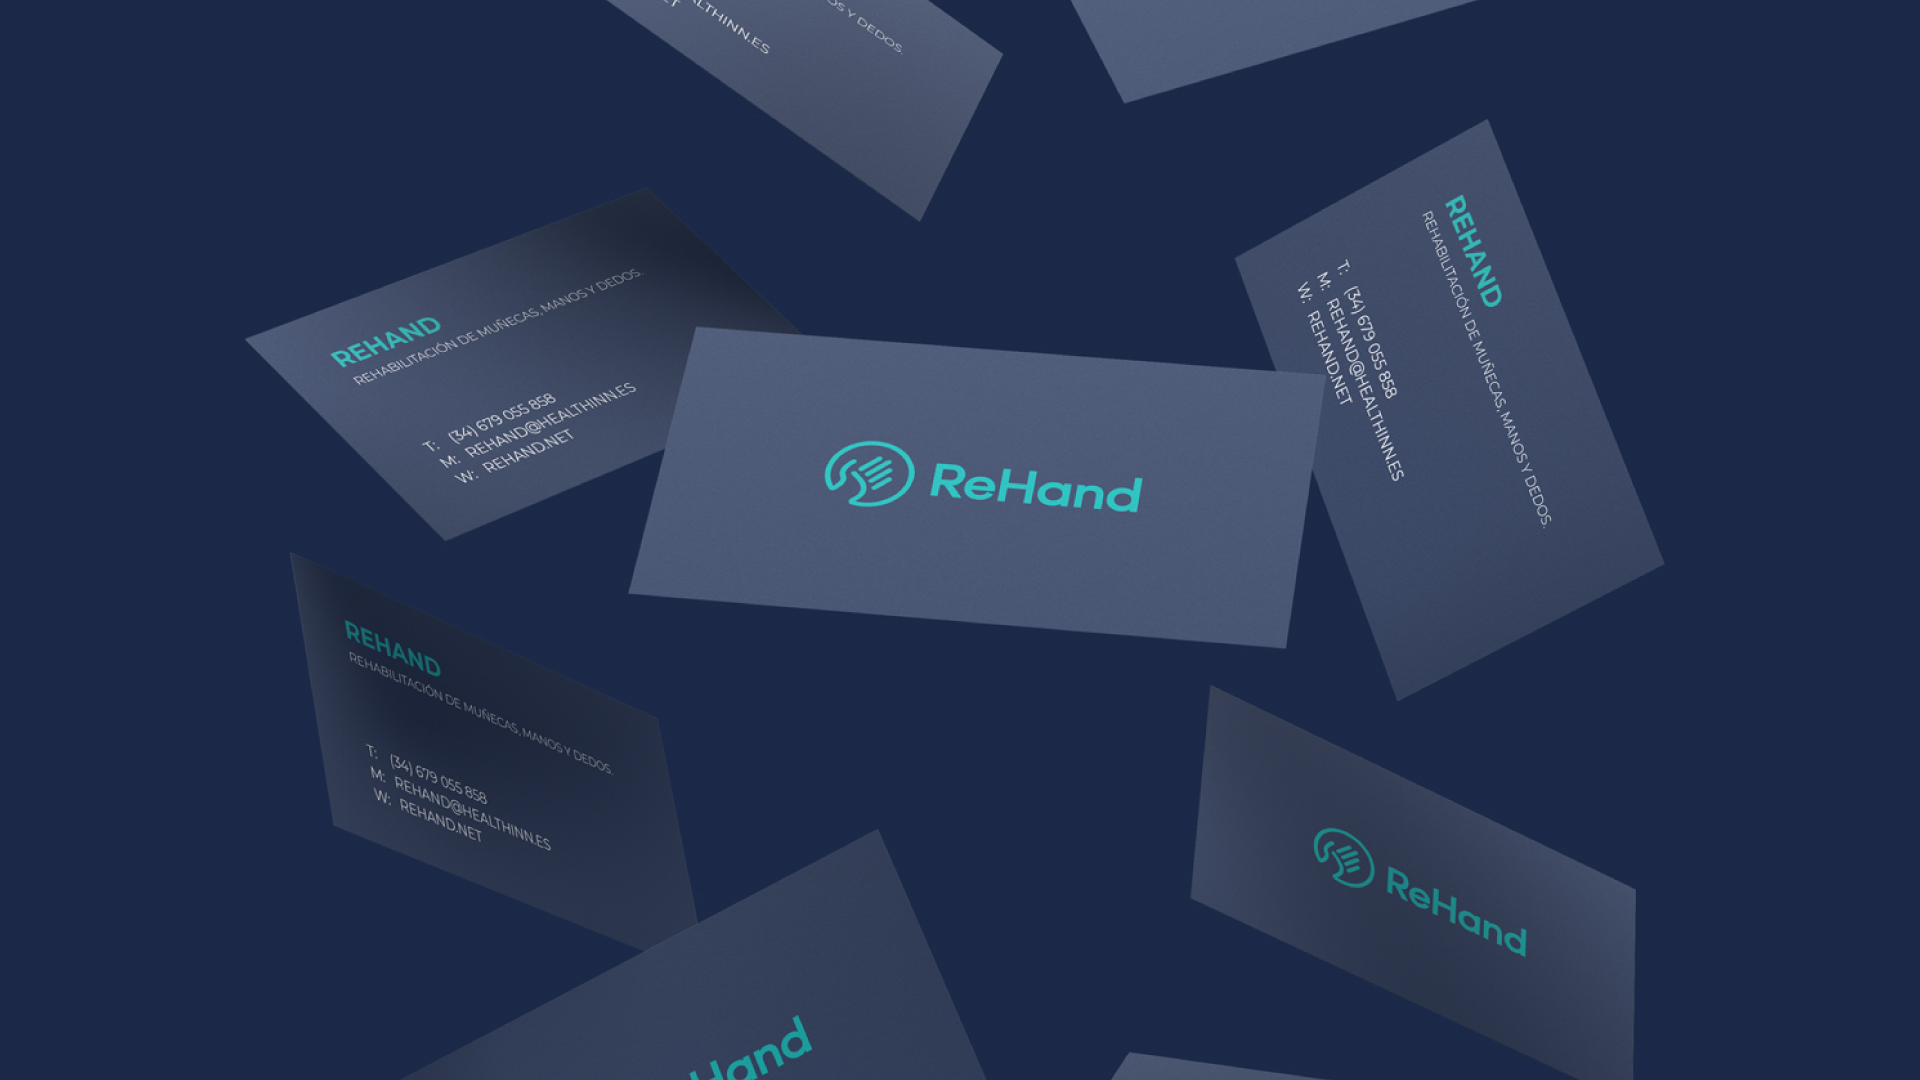 Creación y diseño branding de Rehand, Agencia creativa Eiduo